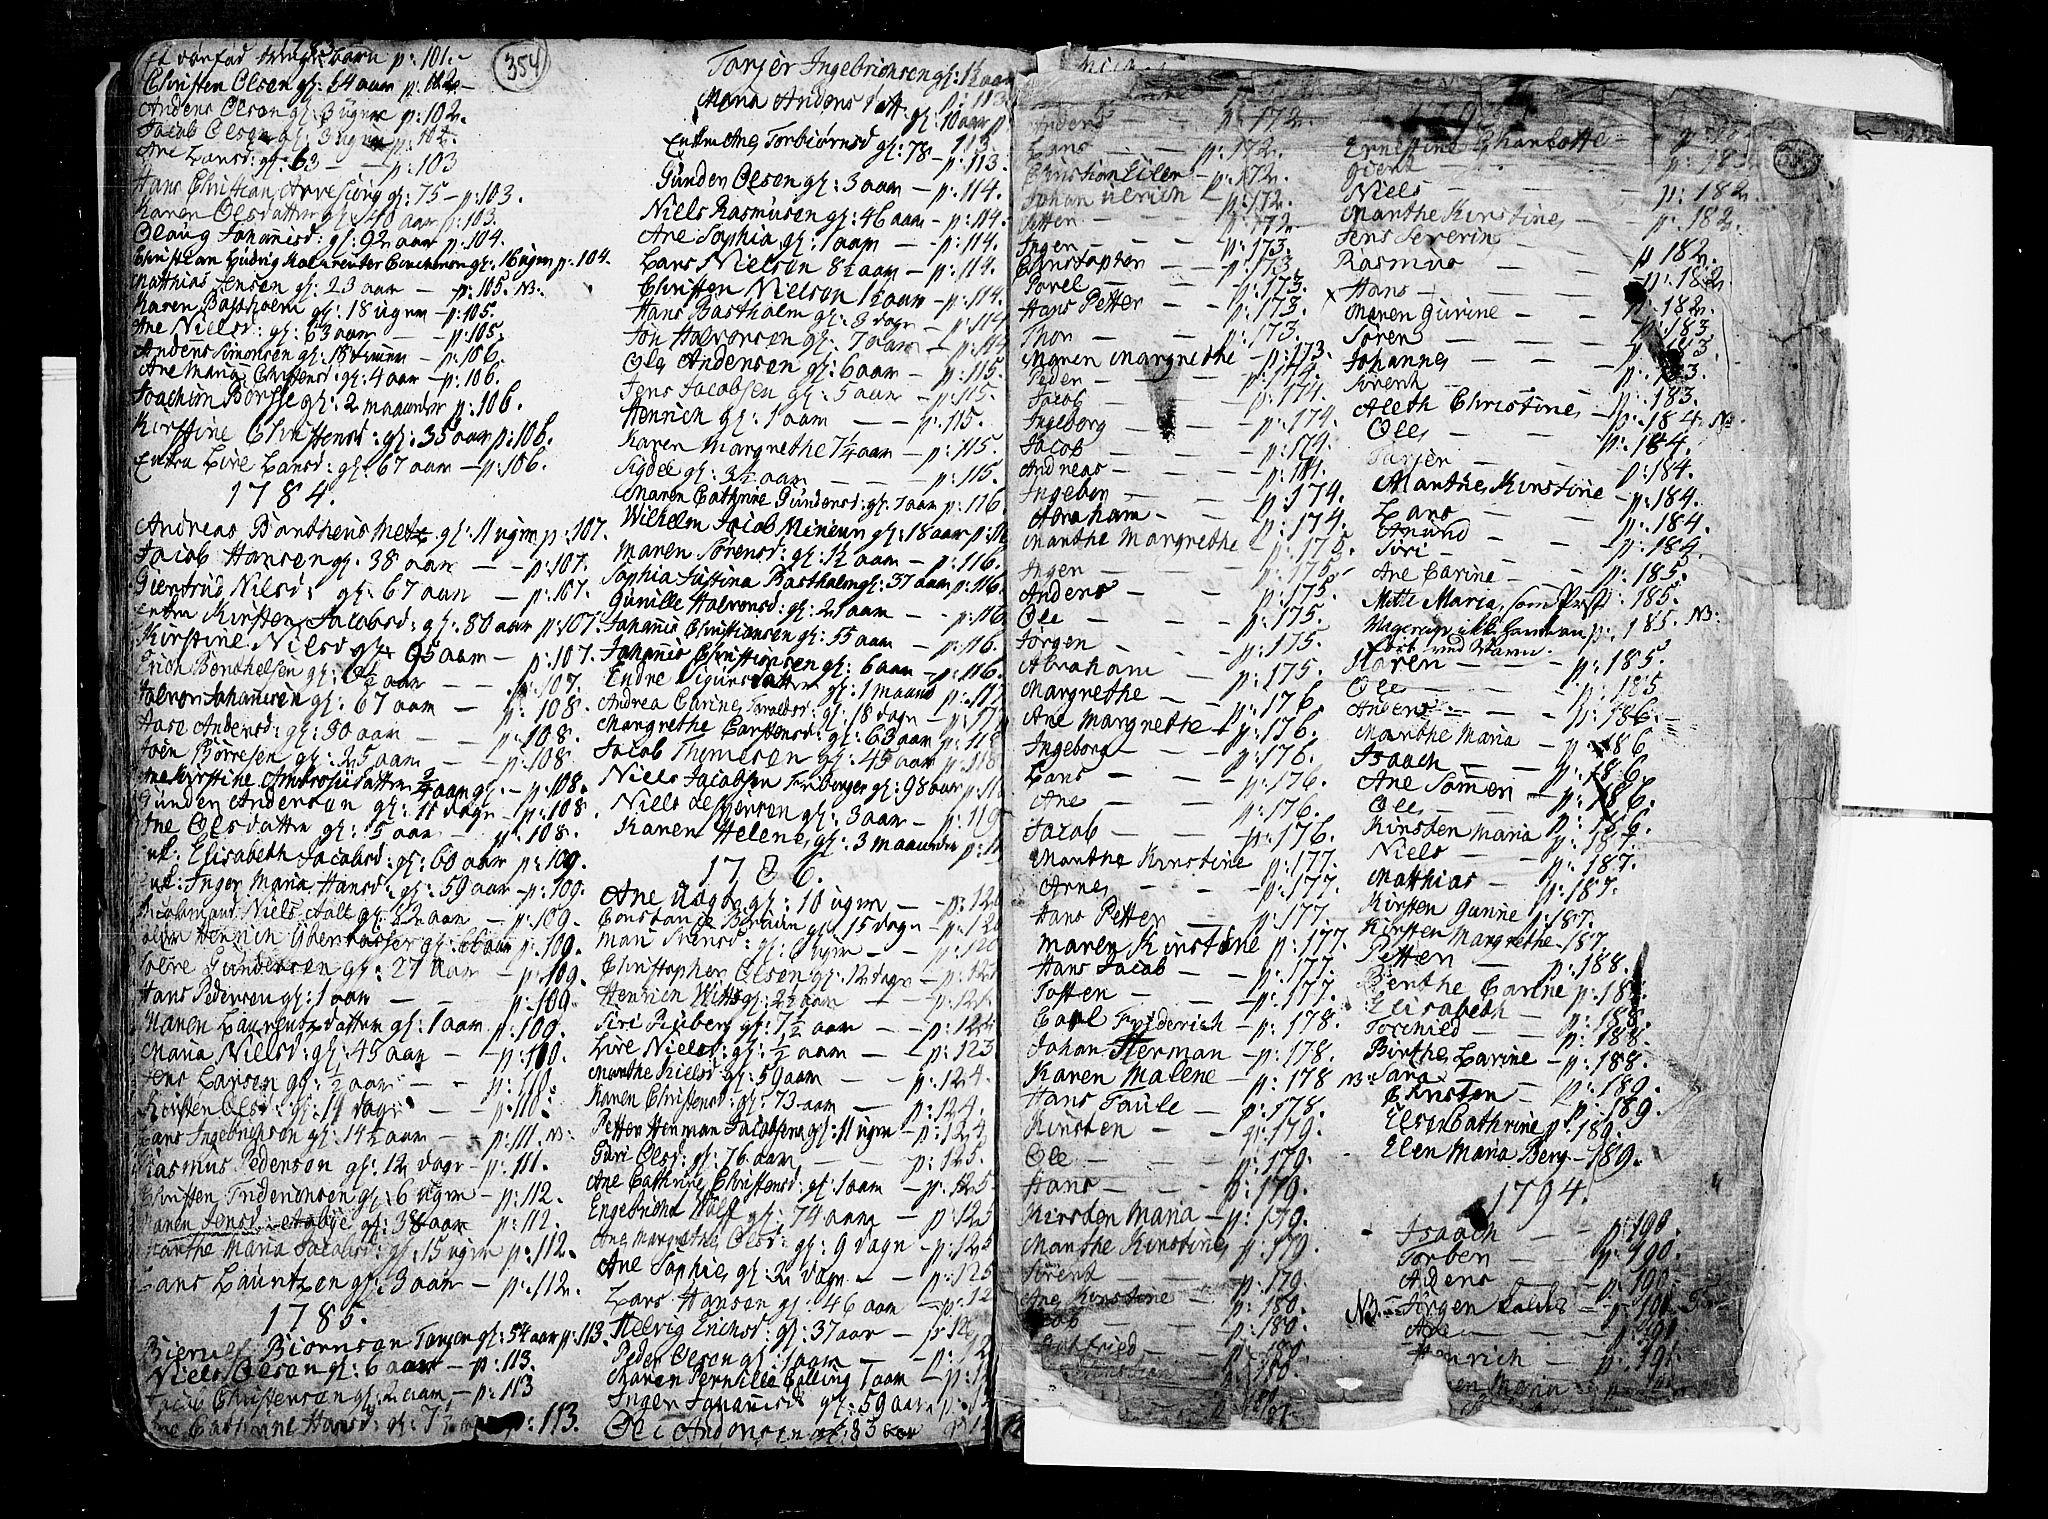 SAKO, Porsgrunn kirkebøker , F/Fa/L0002: Ministerialbok nr. 2, 1764-1814, s. 354-355